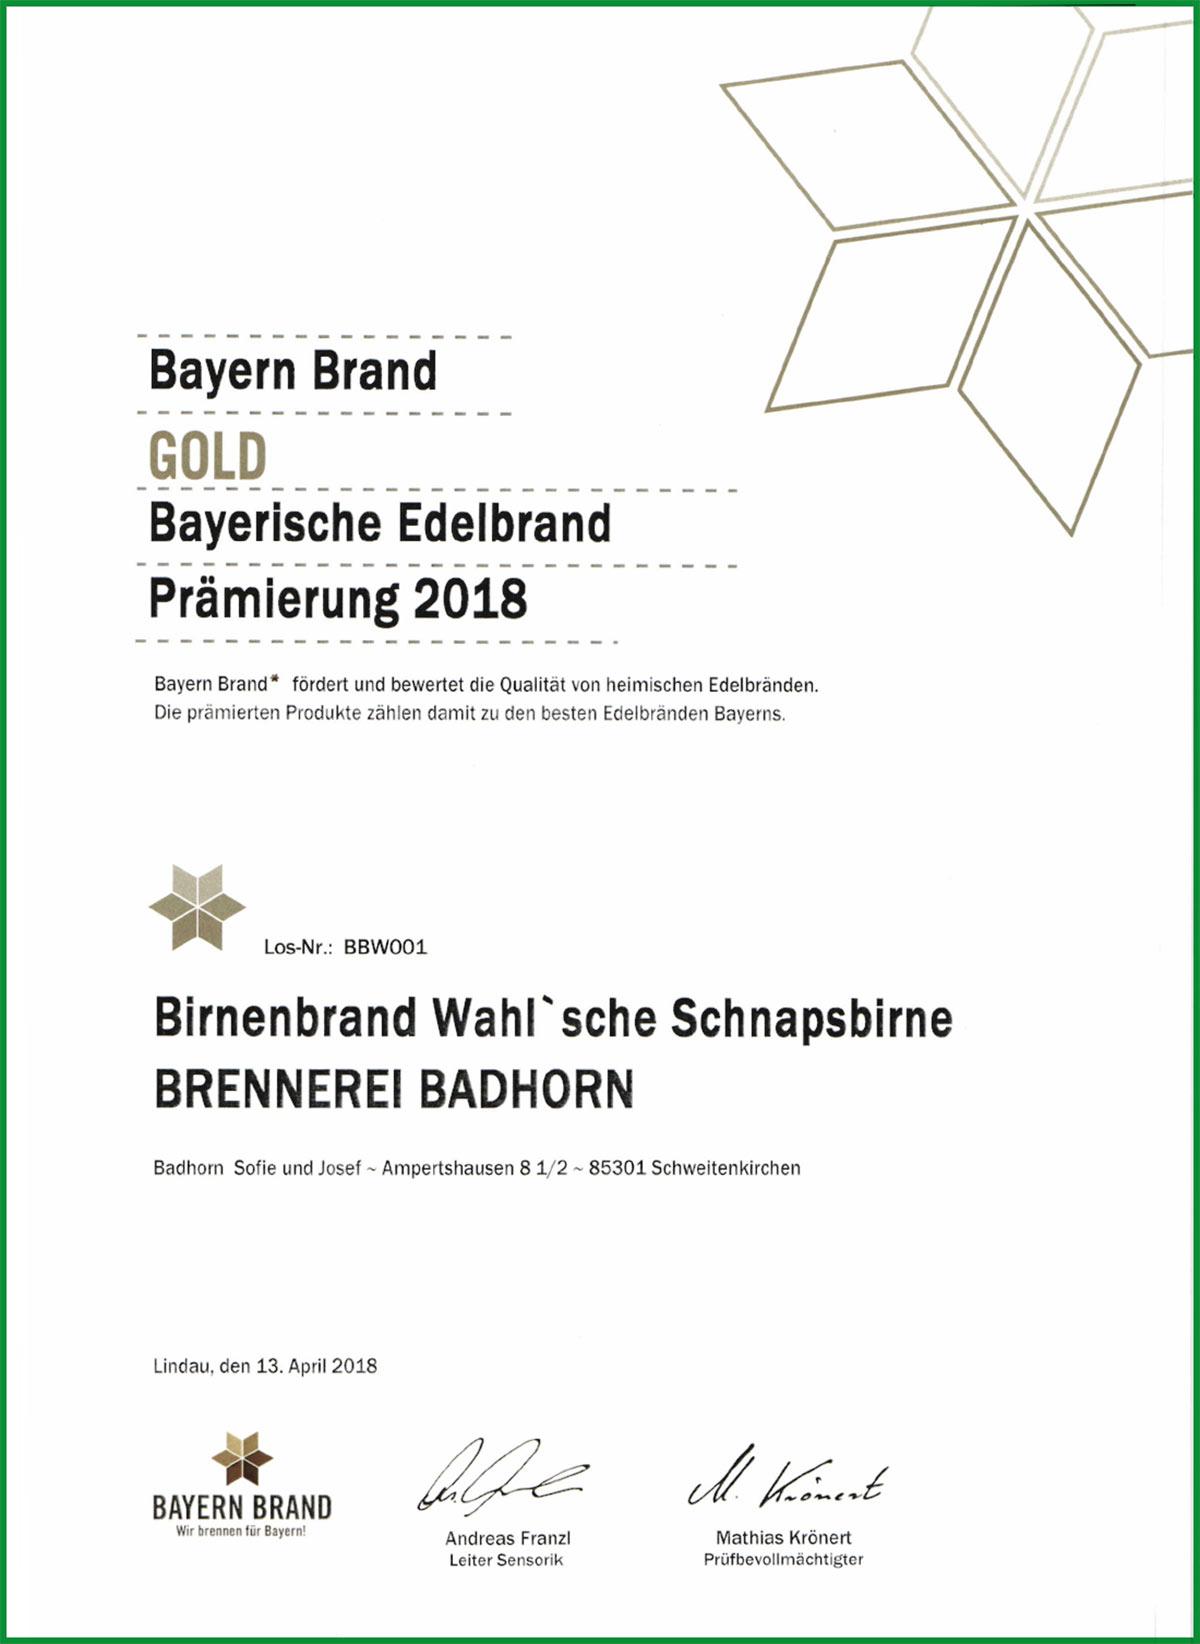 2018_bayern-brand_gold_birnenbrand.jpg